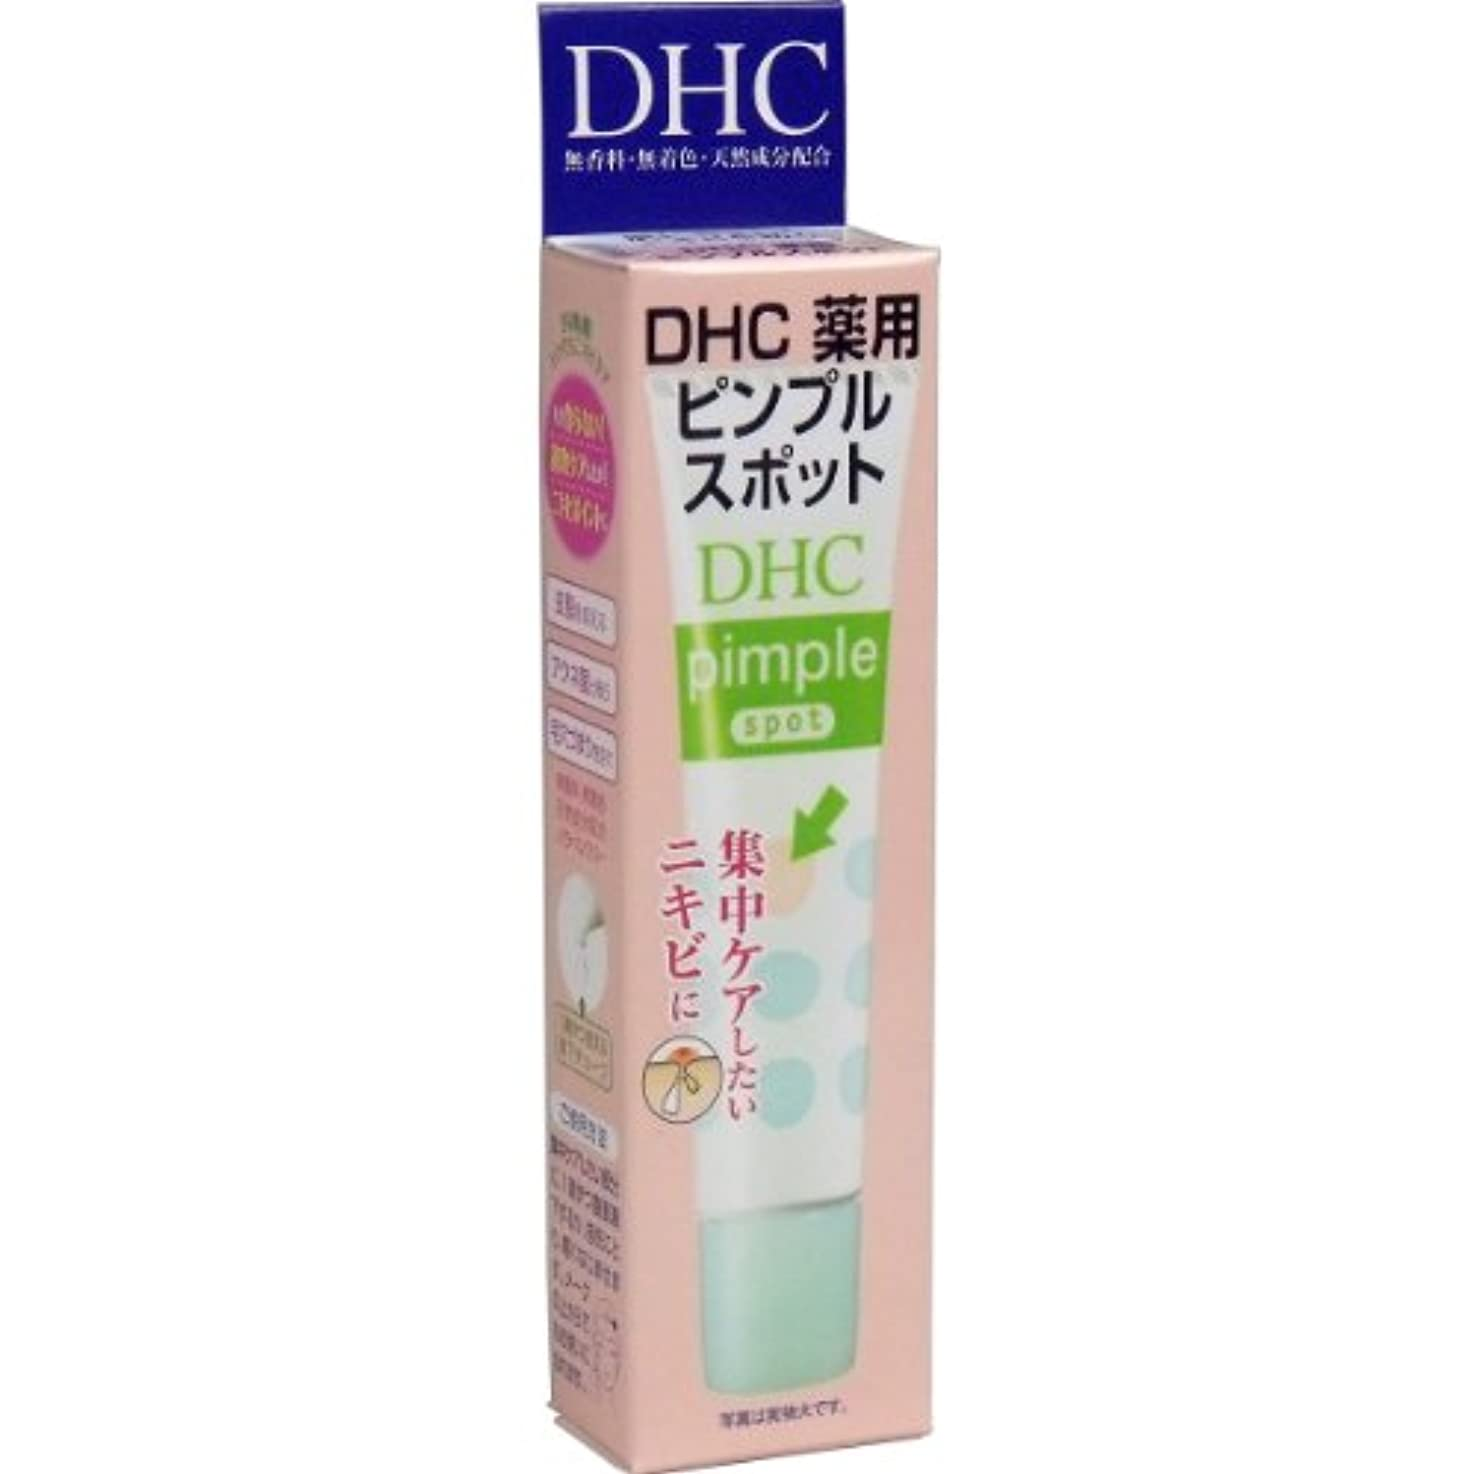 登場蓋ヘビ【DHC】DHC 薬用ピンプルスポット 15ml ×5個セット